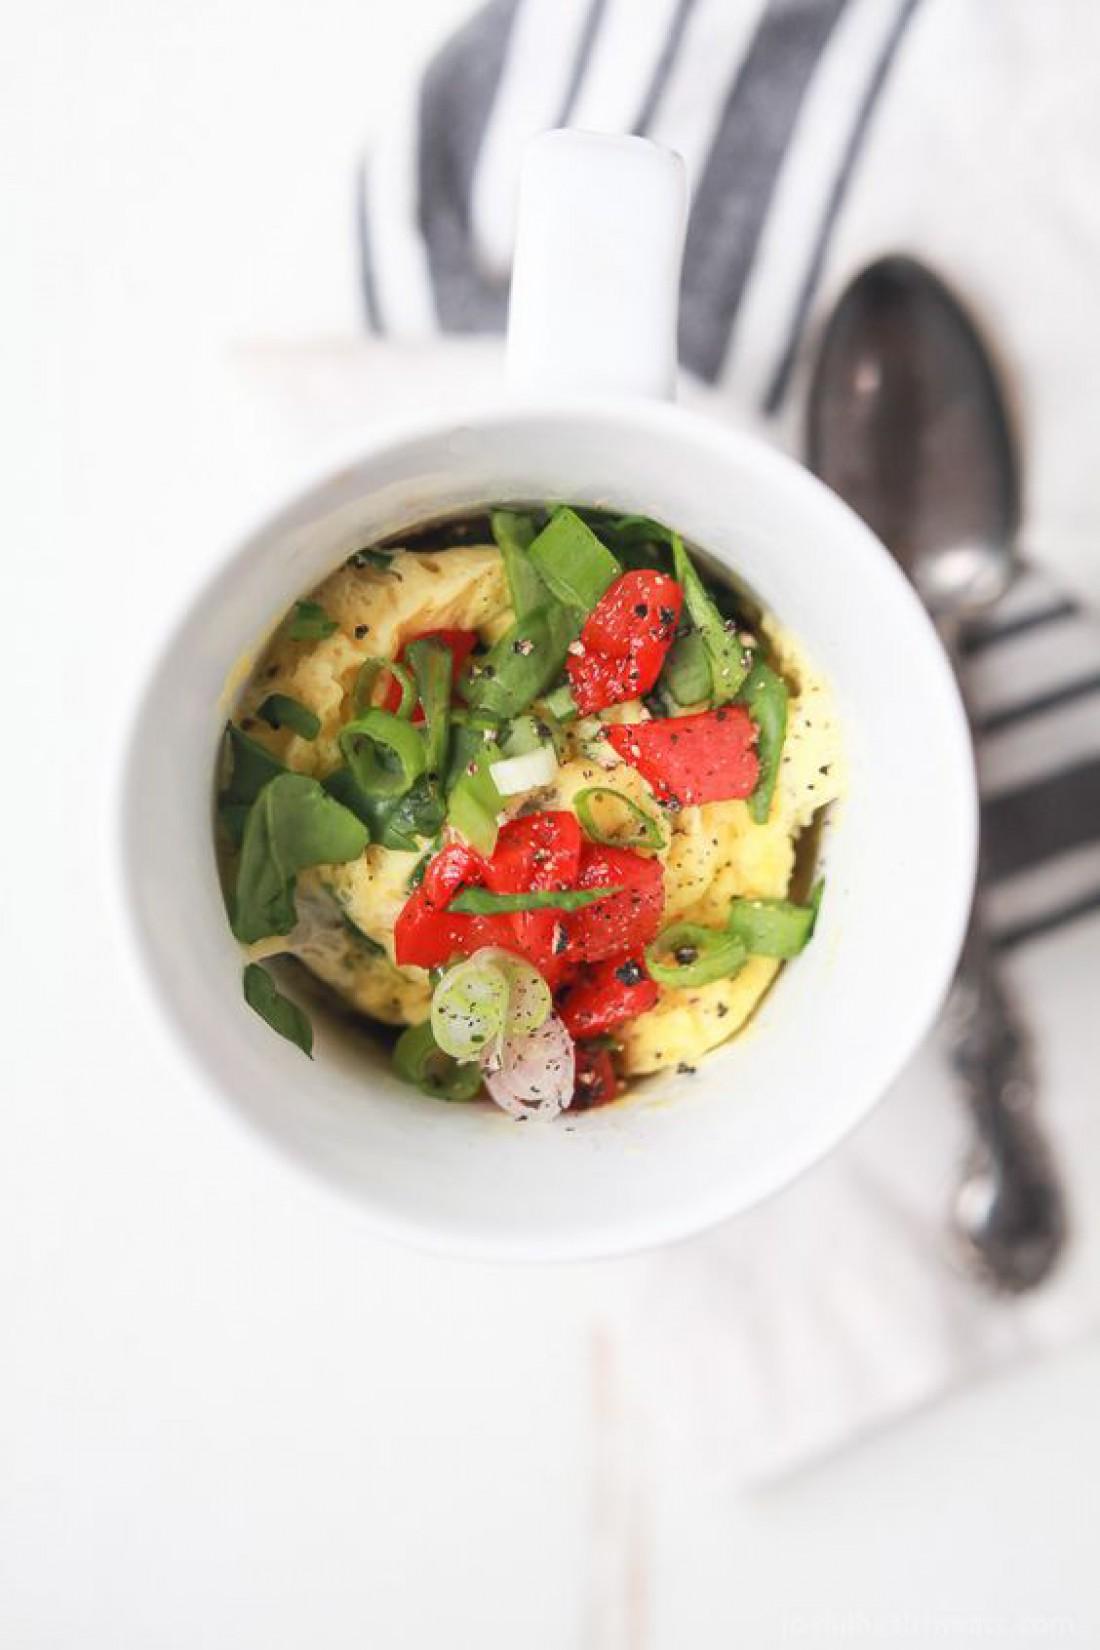 правильное питание идеи для завтраков